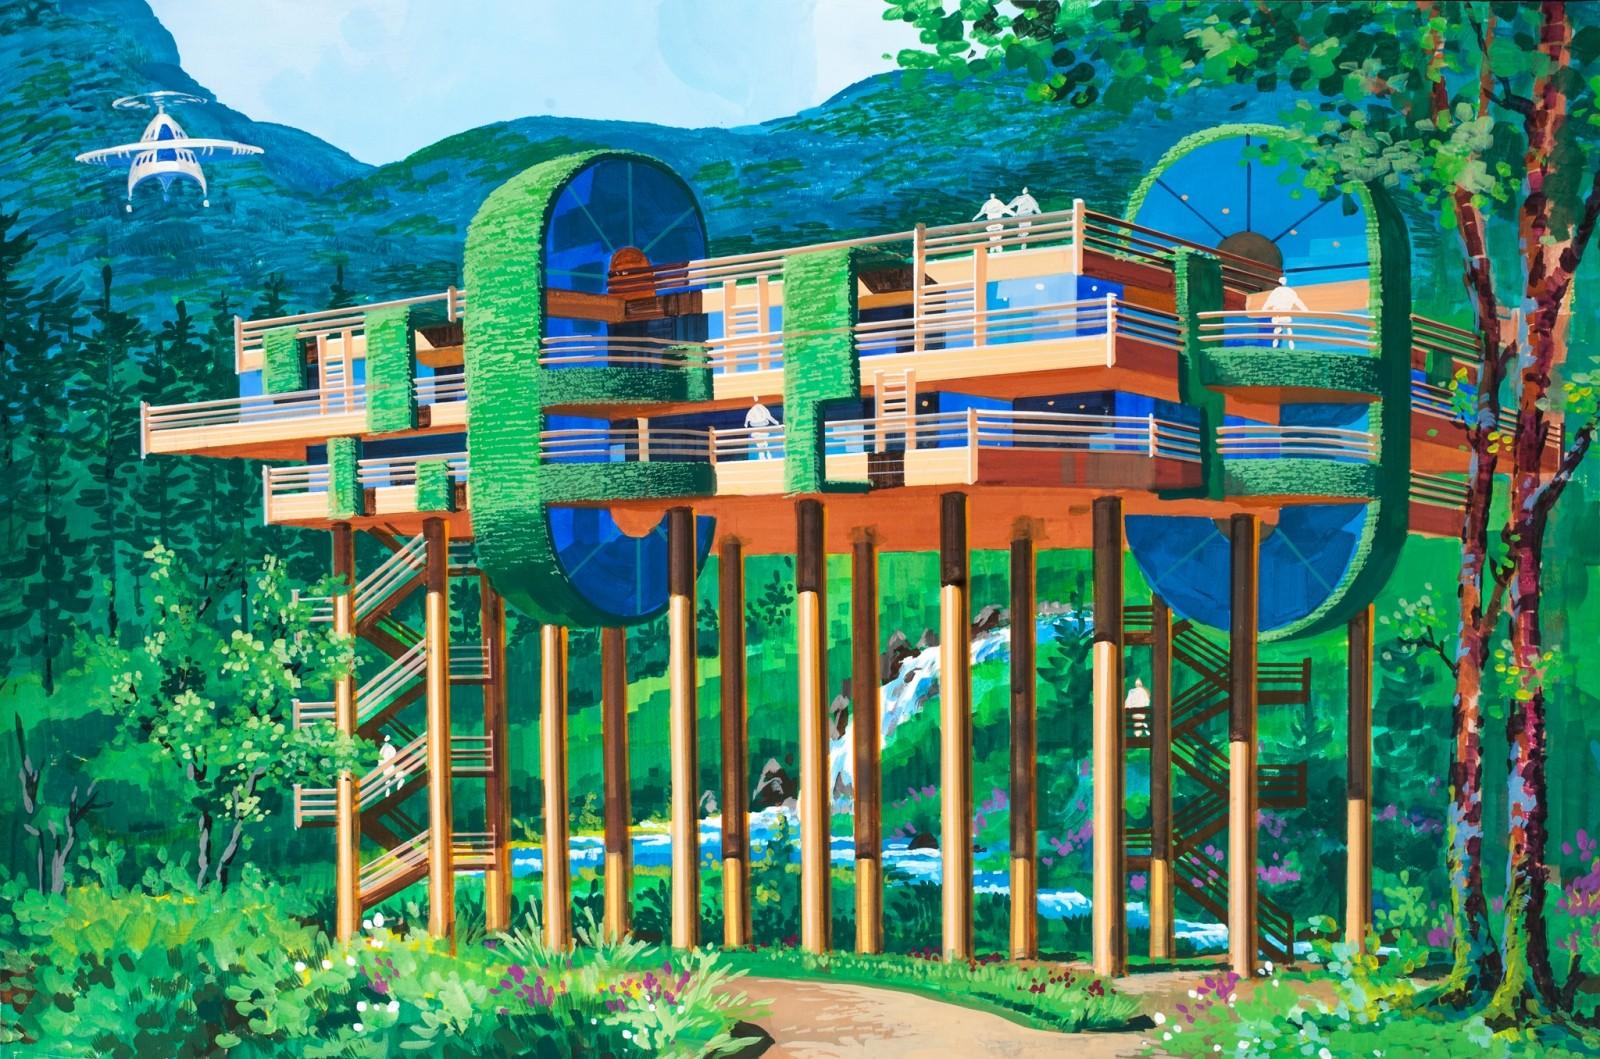 """El """"Hotel Aéreo"""" otorga a los turistas sendas vistas a los montañas. Imagen cortesía de Koryo Tours"""